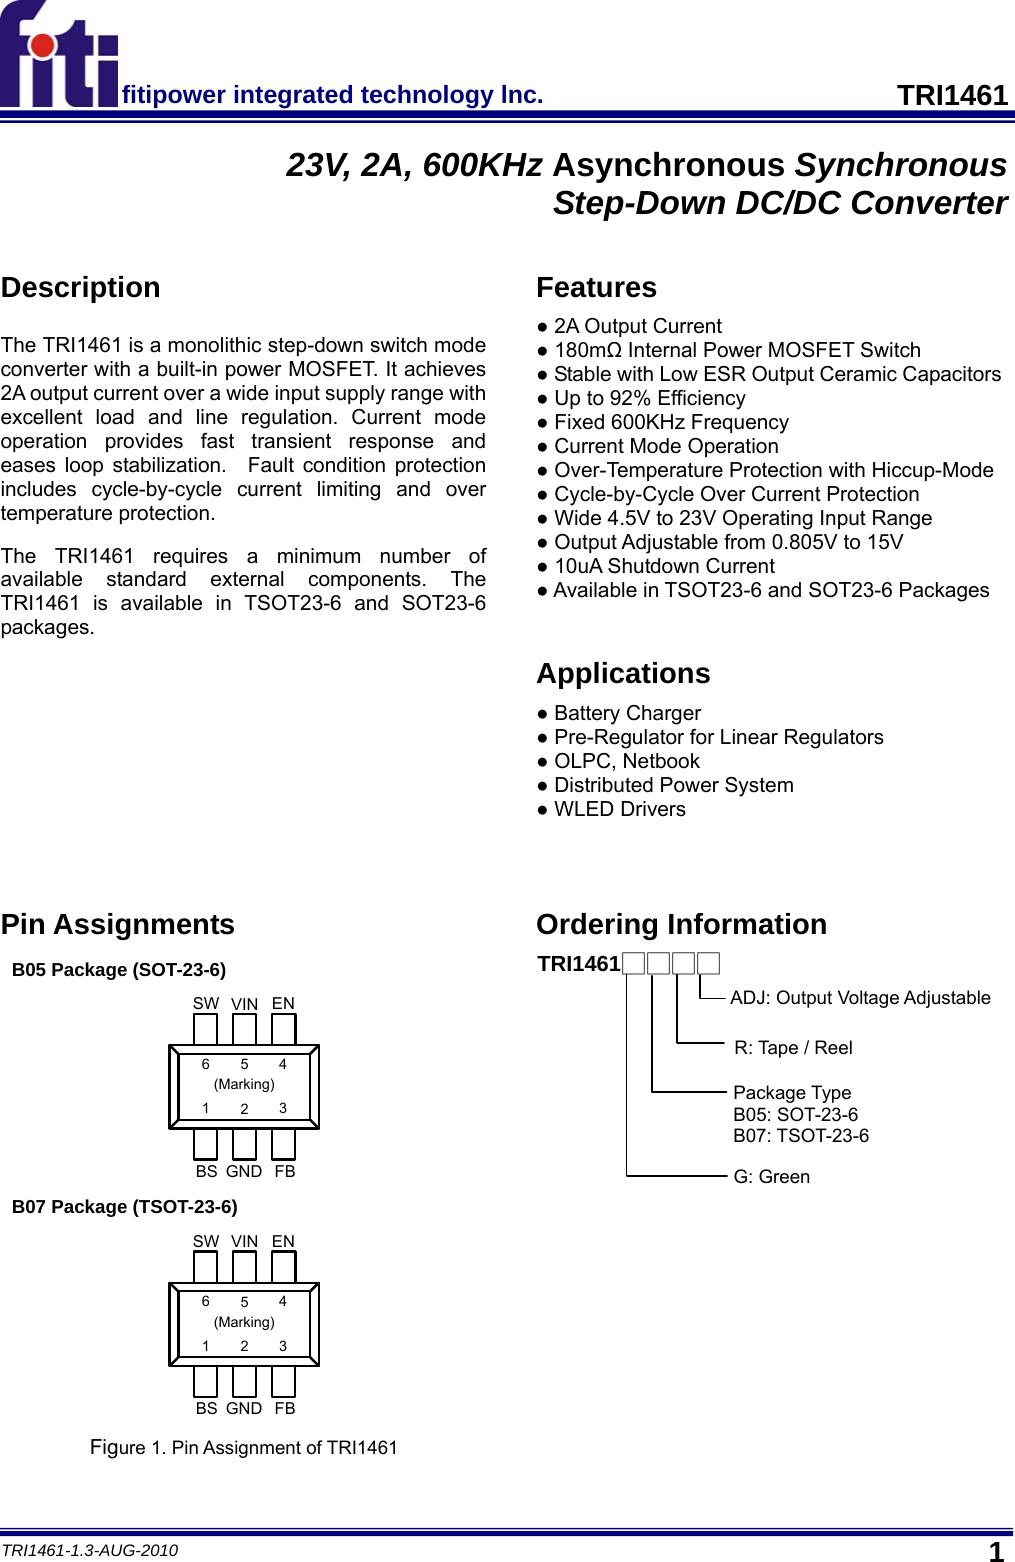 TRI1461 Datasheet  Www s manuals com  R1 3 Fiti